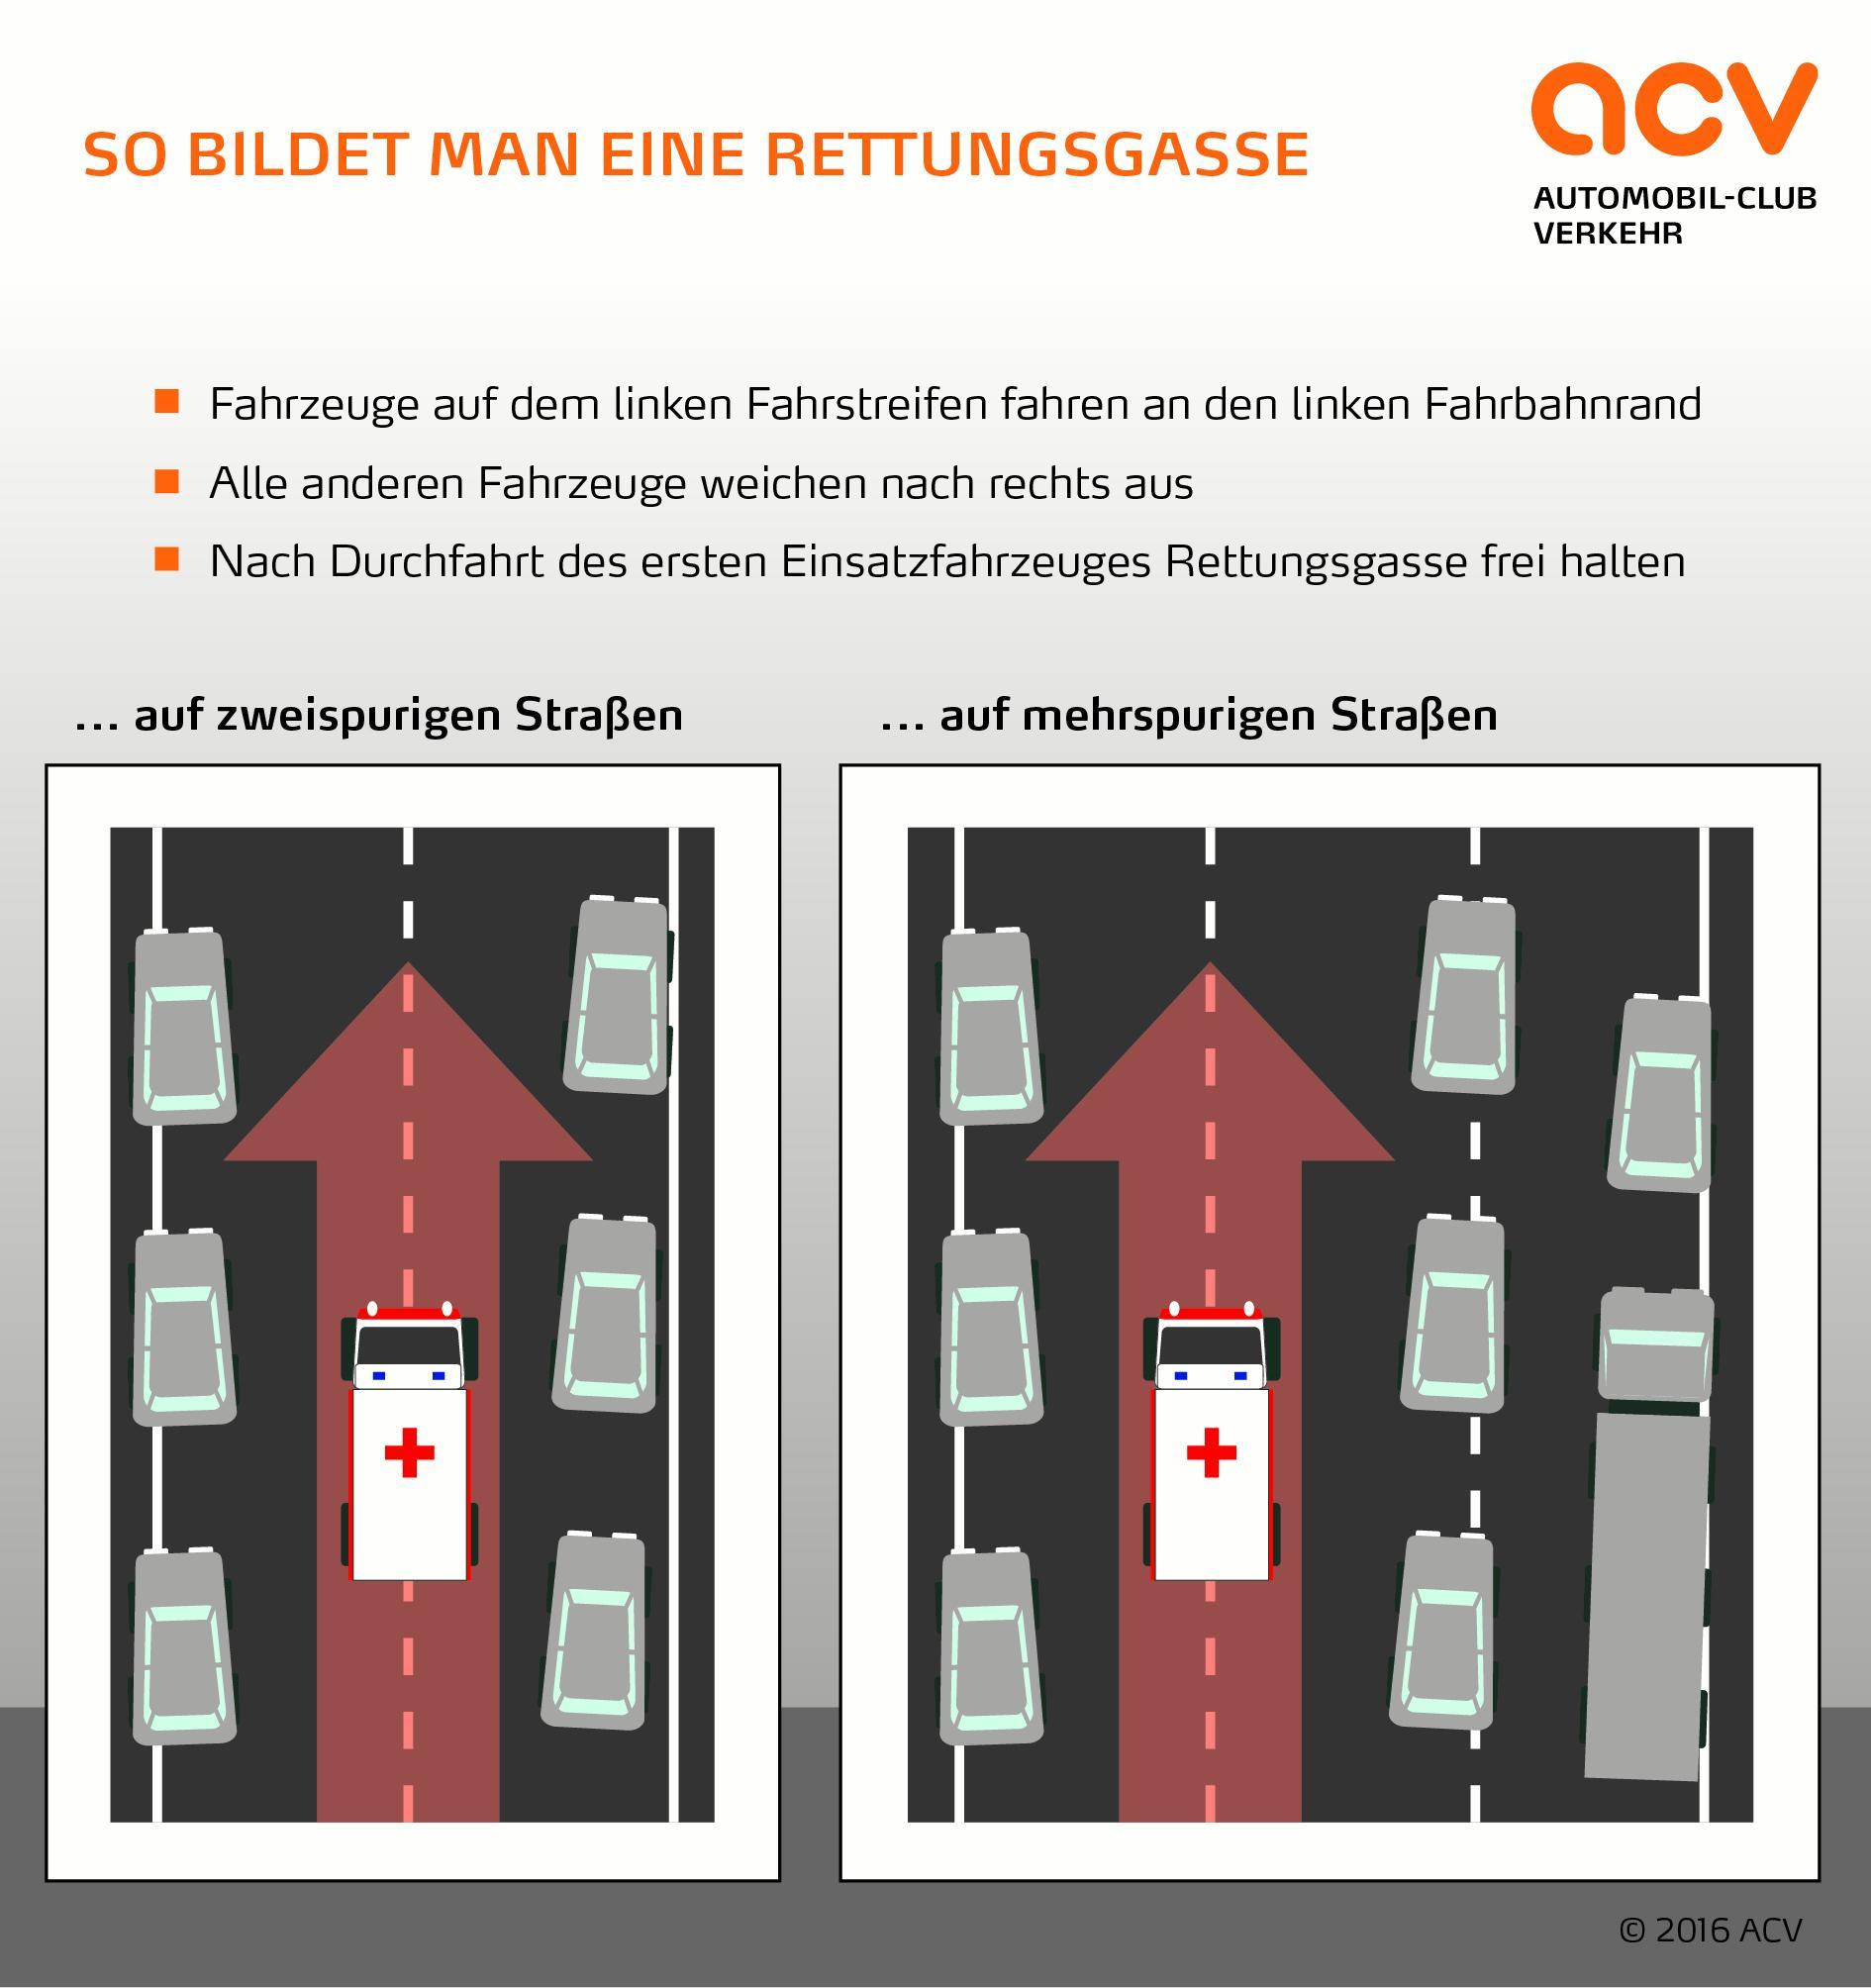 Wie man die Rettungsgasse richtig bildet (Foto: ACV Automobil-Club Verkehr)